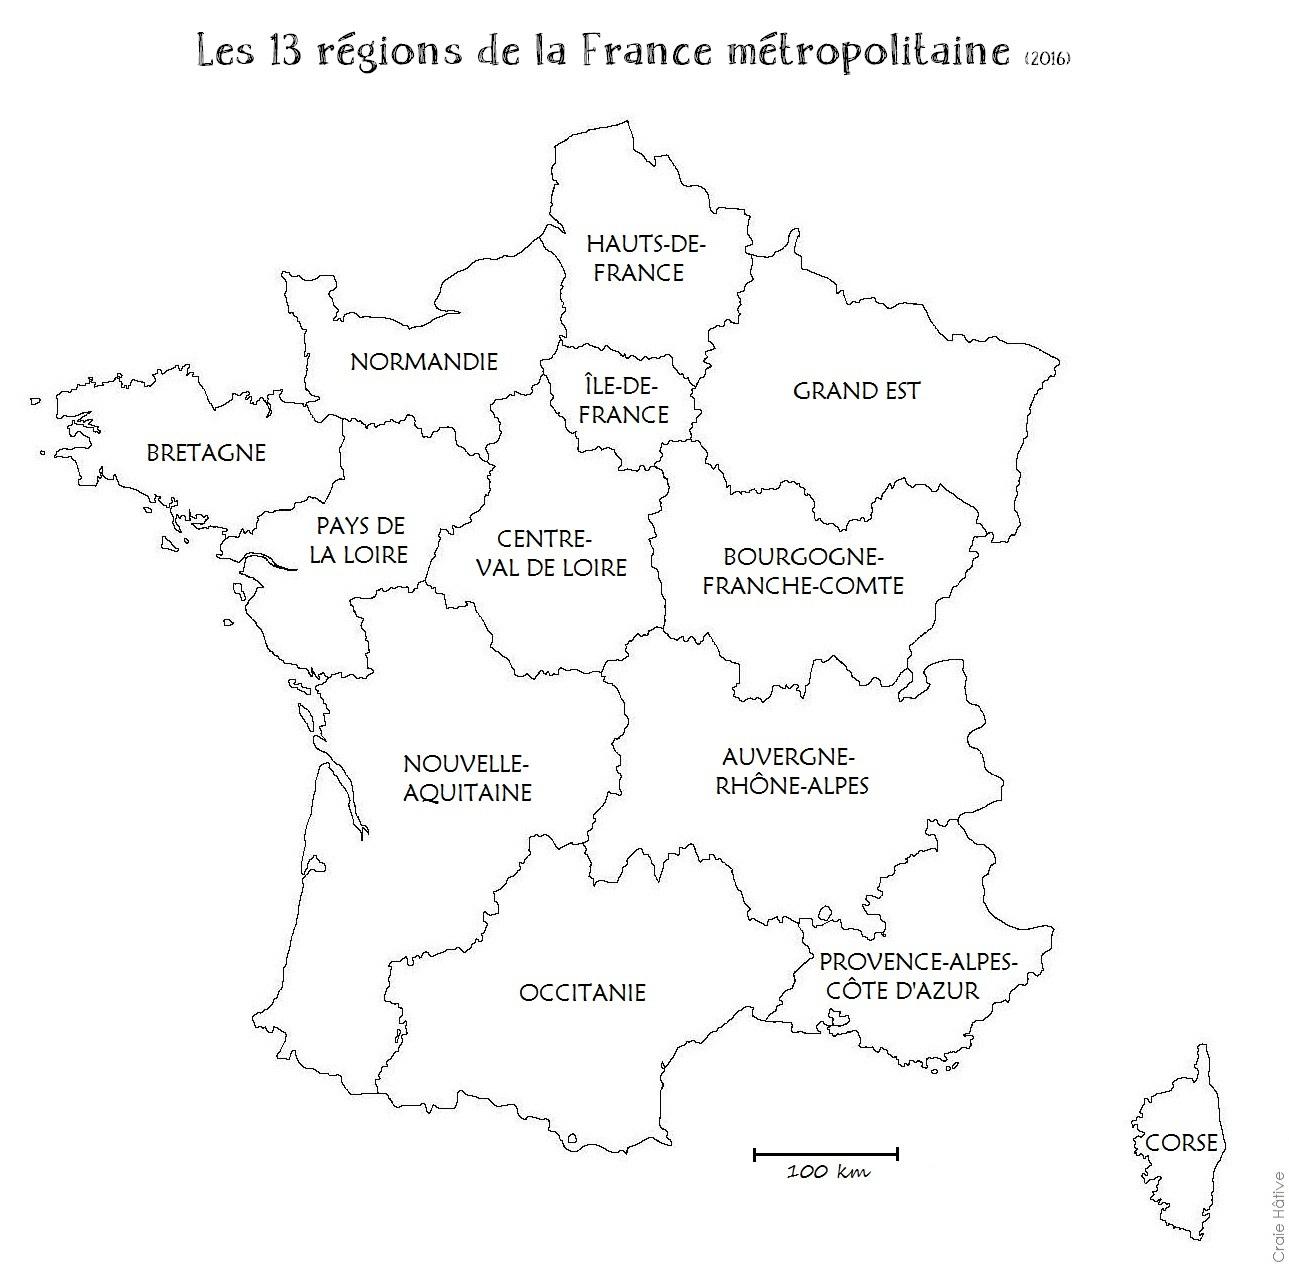 Cartes Des Régions De La France Métropolitaine - 2016 avec 13 Régions Françaises